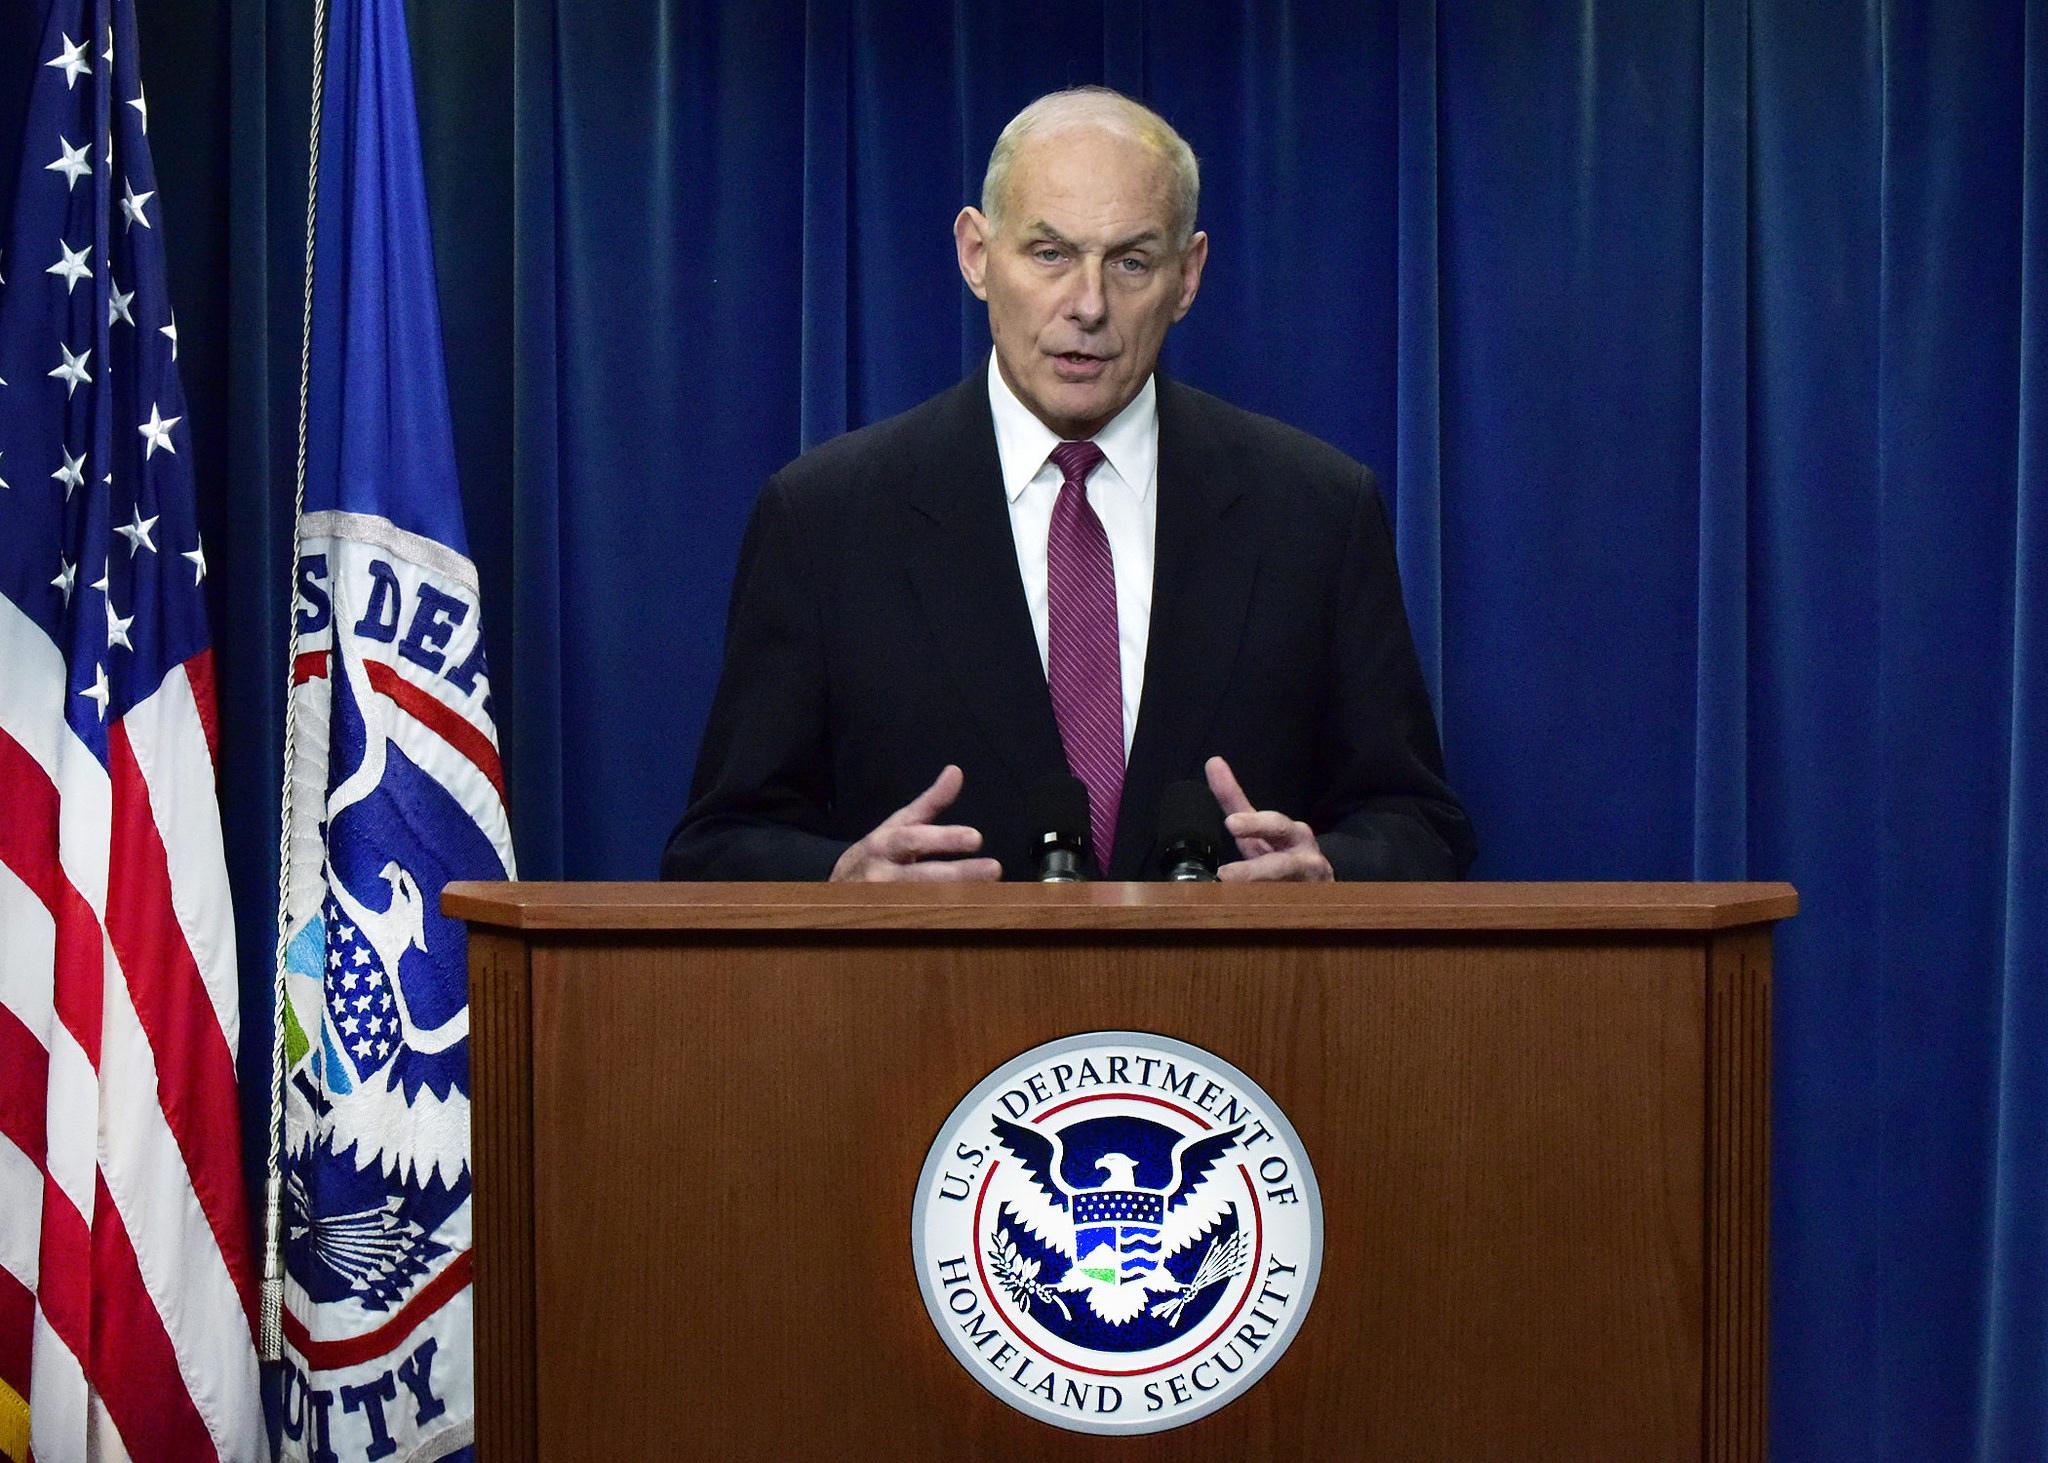 Secretary of Homeland Security John Kelly Media